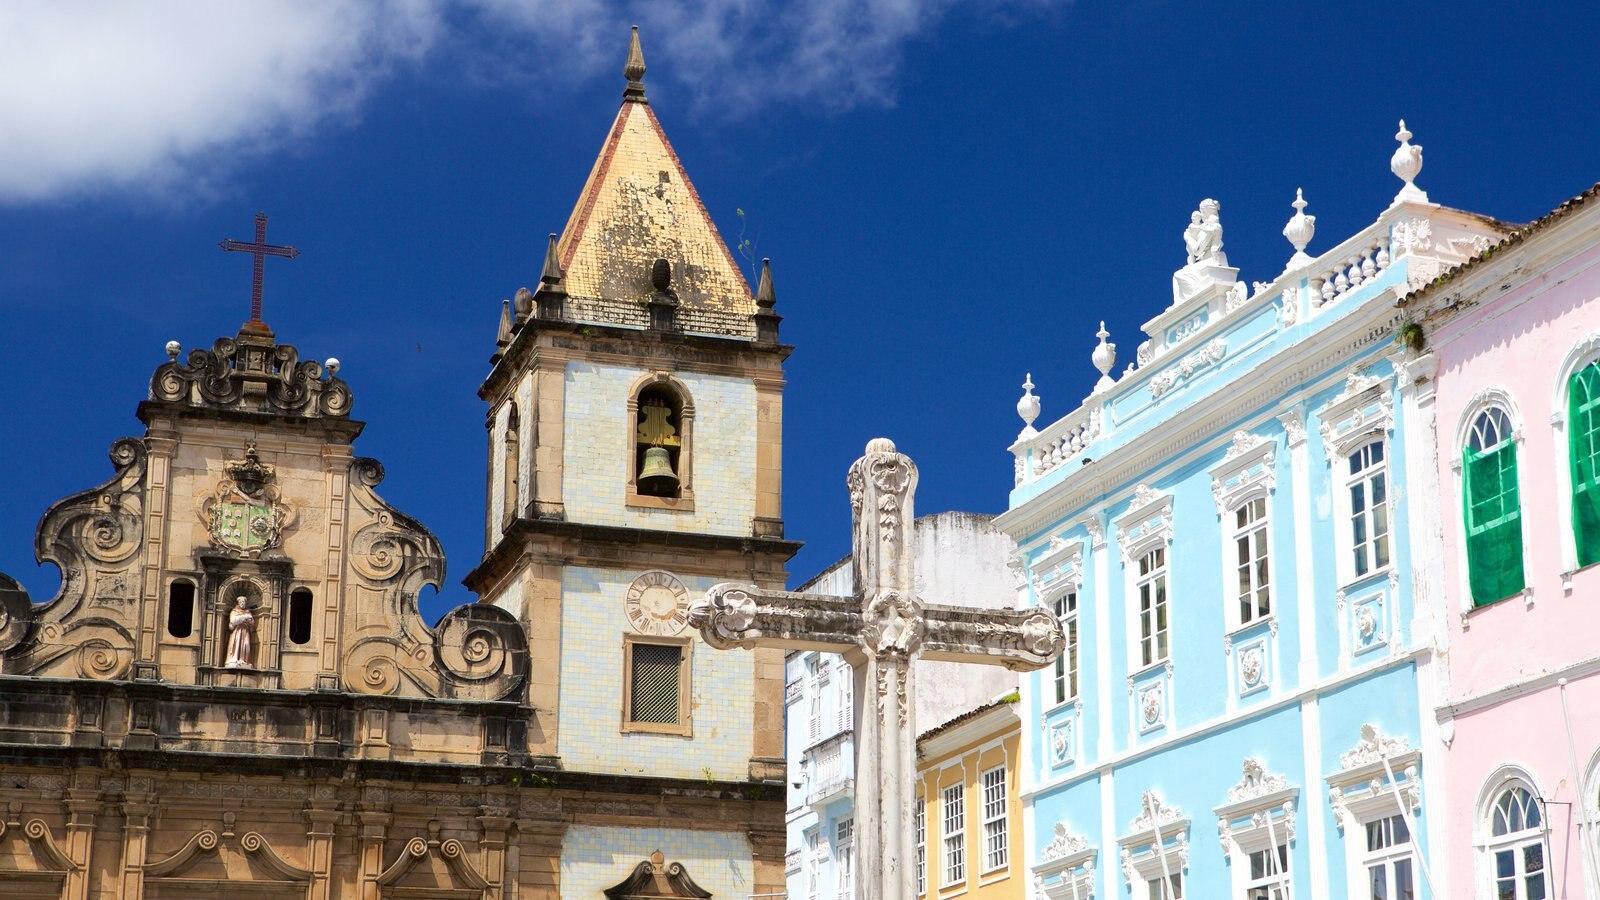 Pelourinho mostrando uma igreja ou catedral e arquitetura de patrimônio